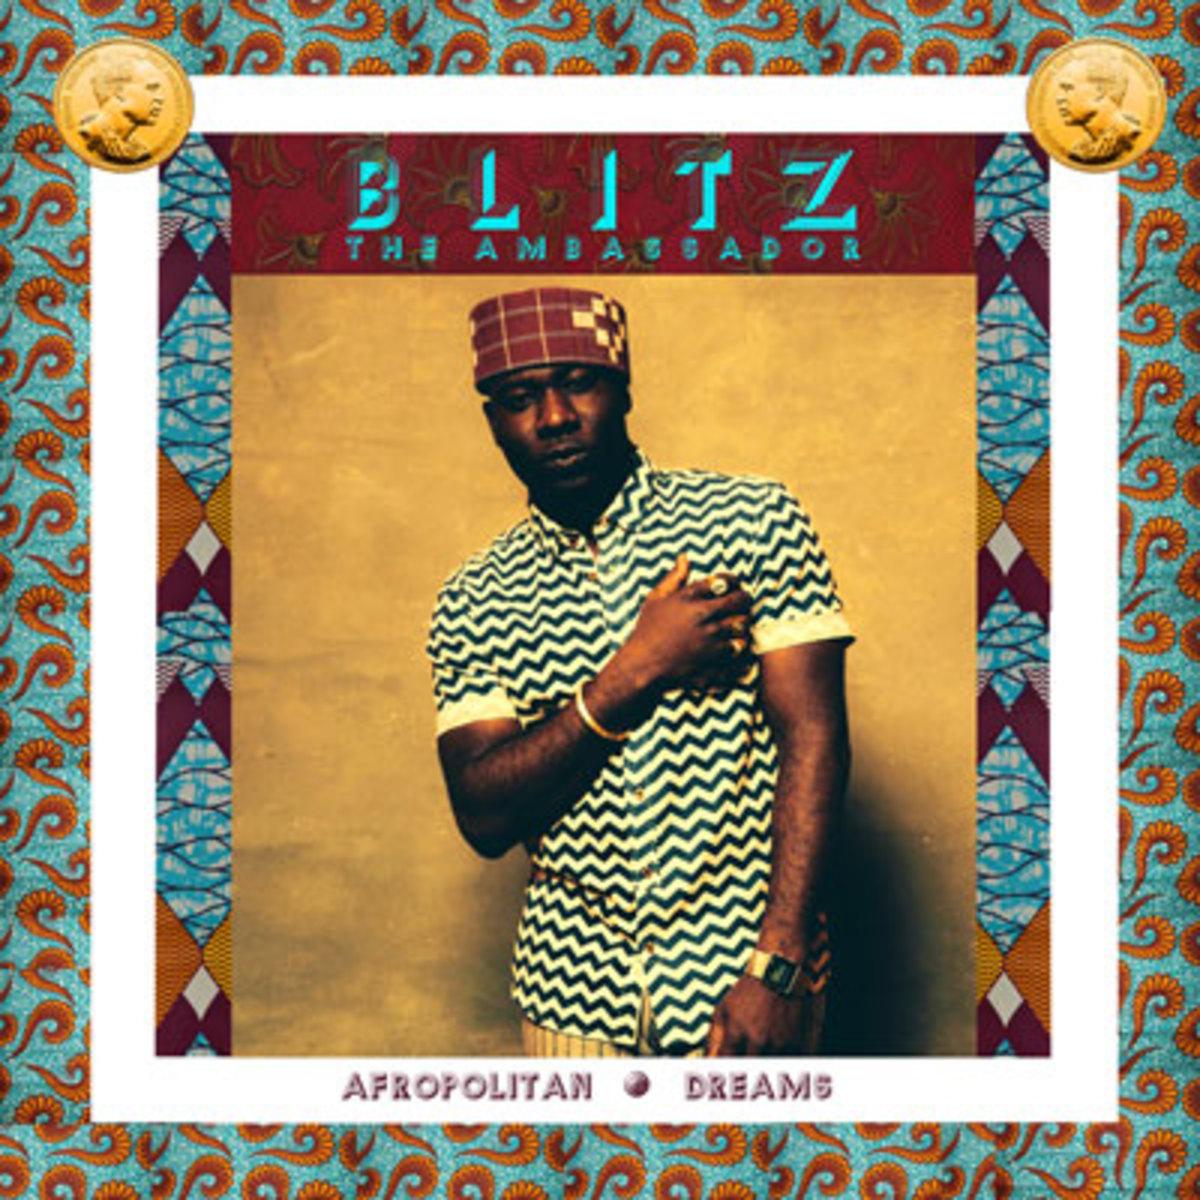 blitz-afropolitandreams.jpg